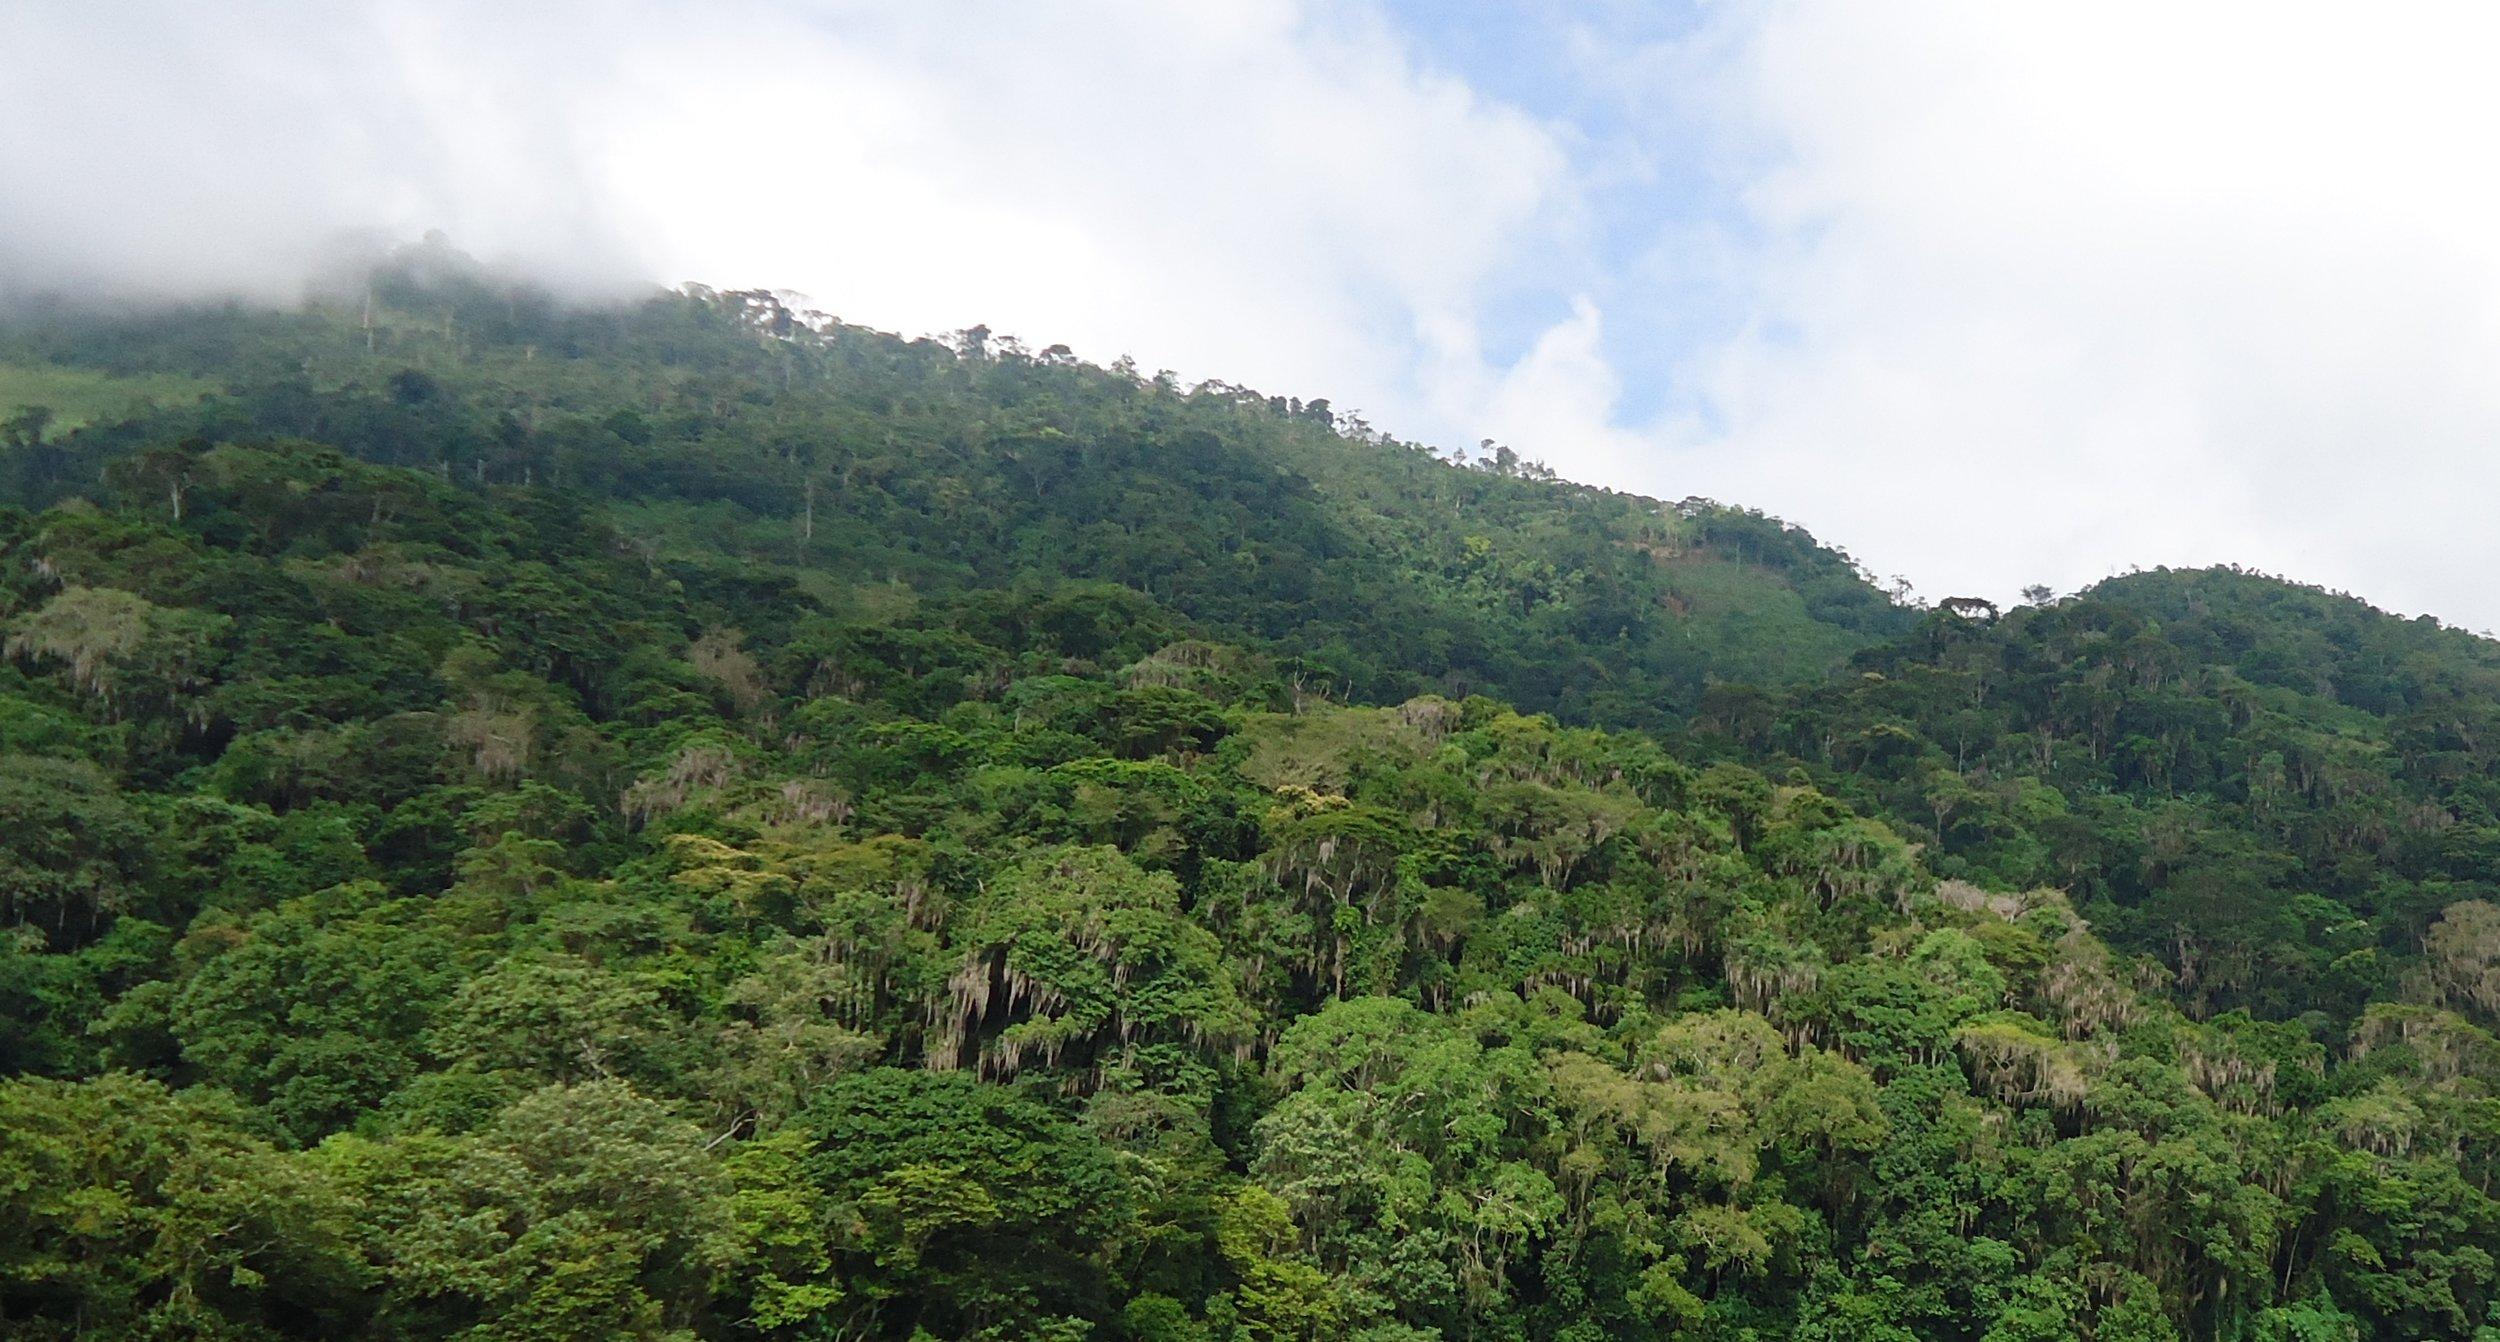 Honduran hill forest